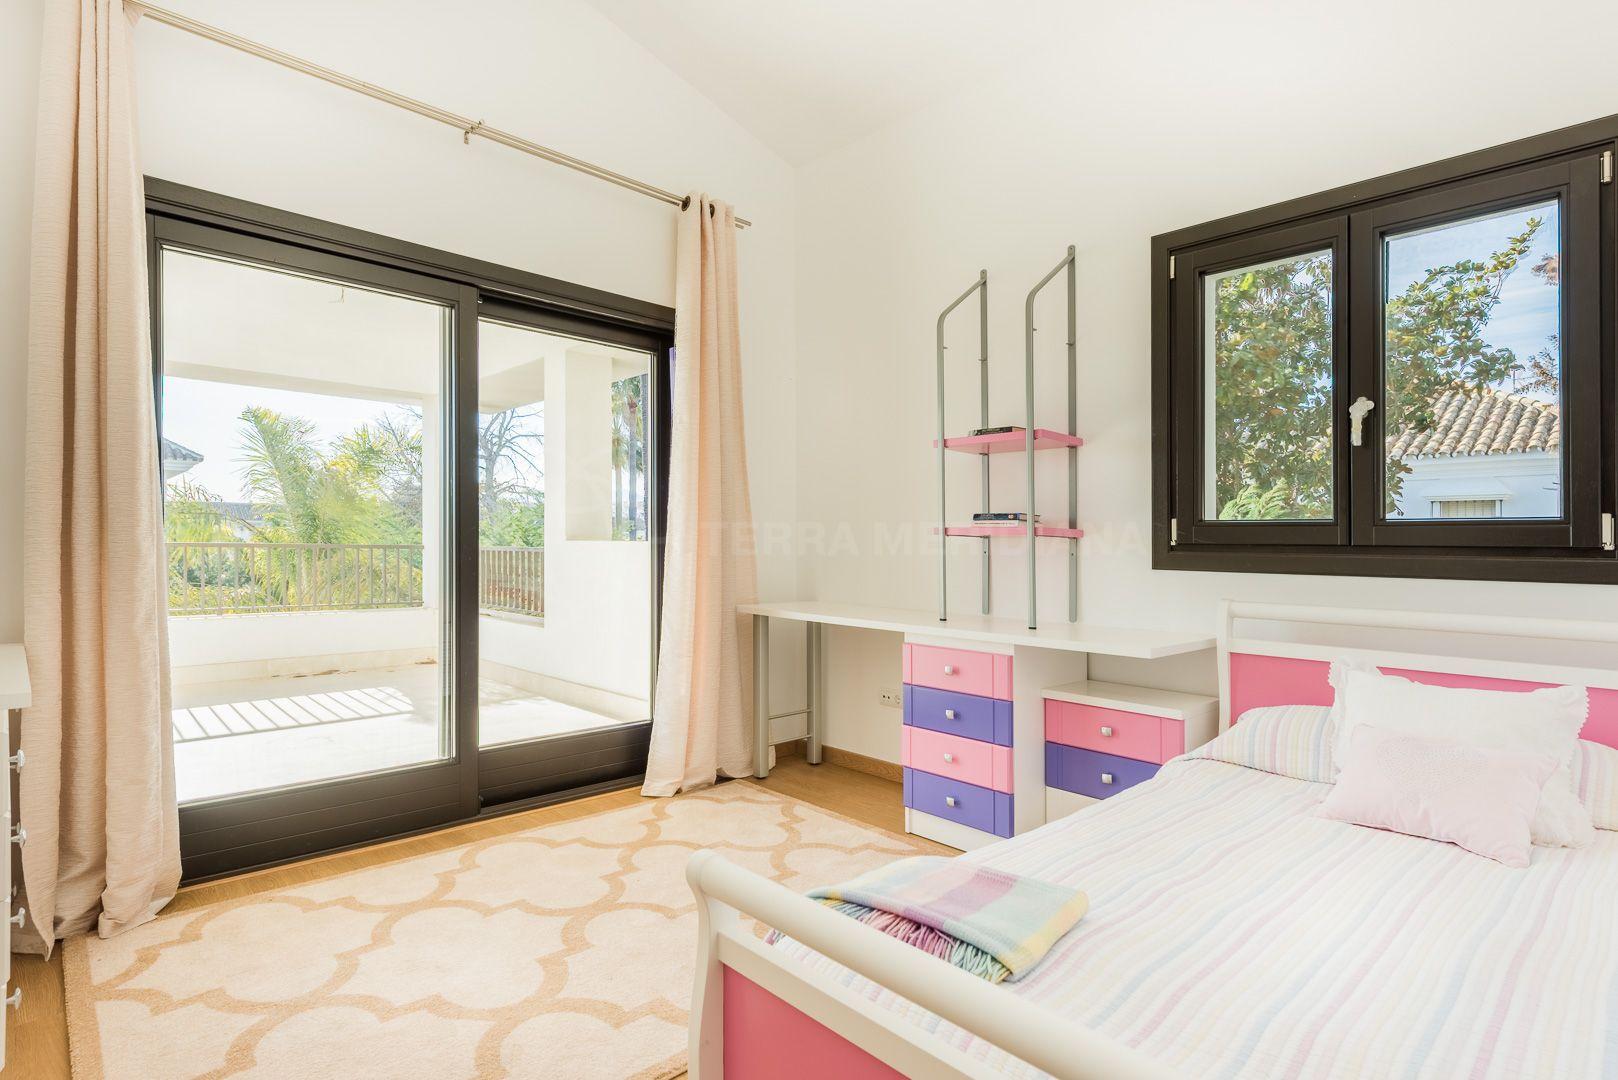 New 5 Bedroom Villa For Sale In Cortijo Blanco San Pedro De  # Muebles Haus San Pedro